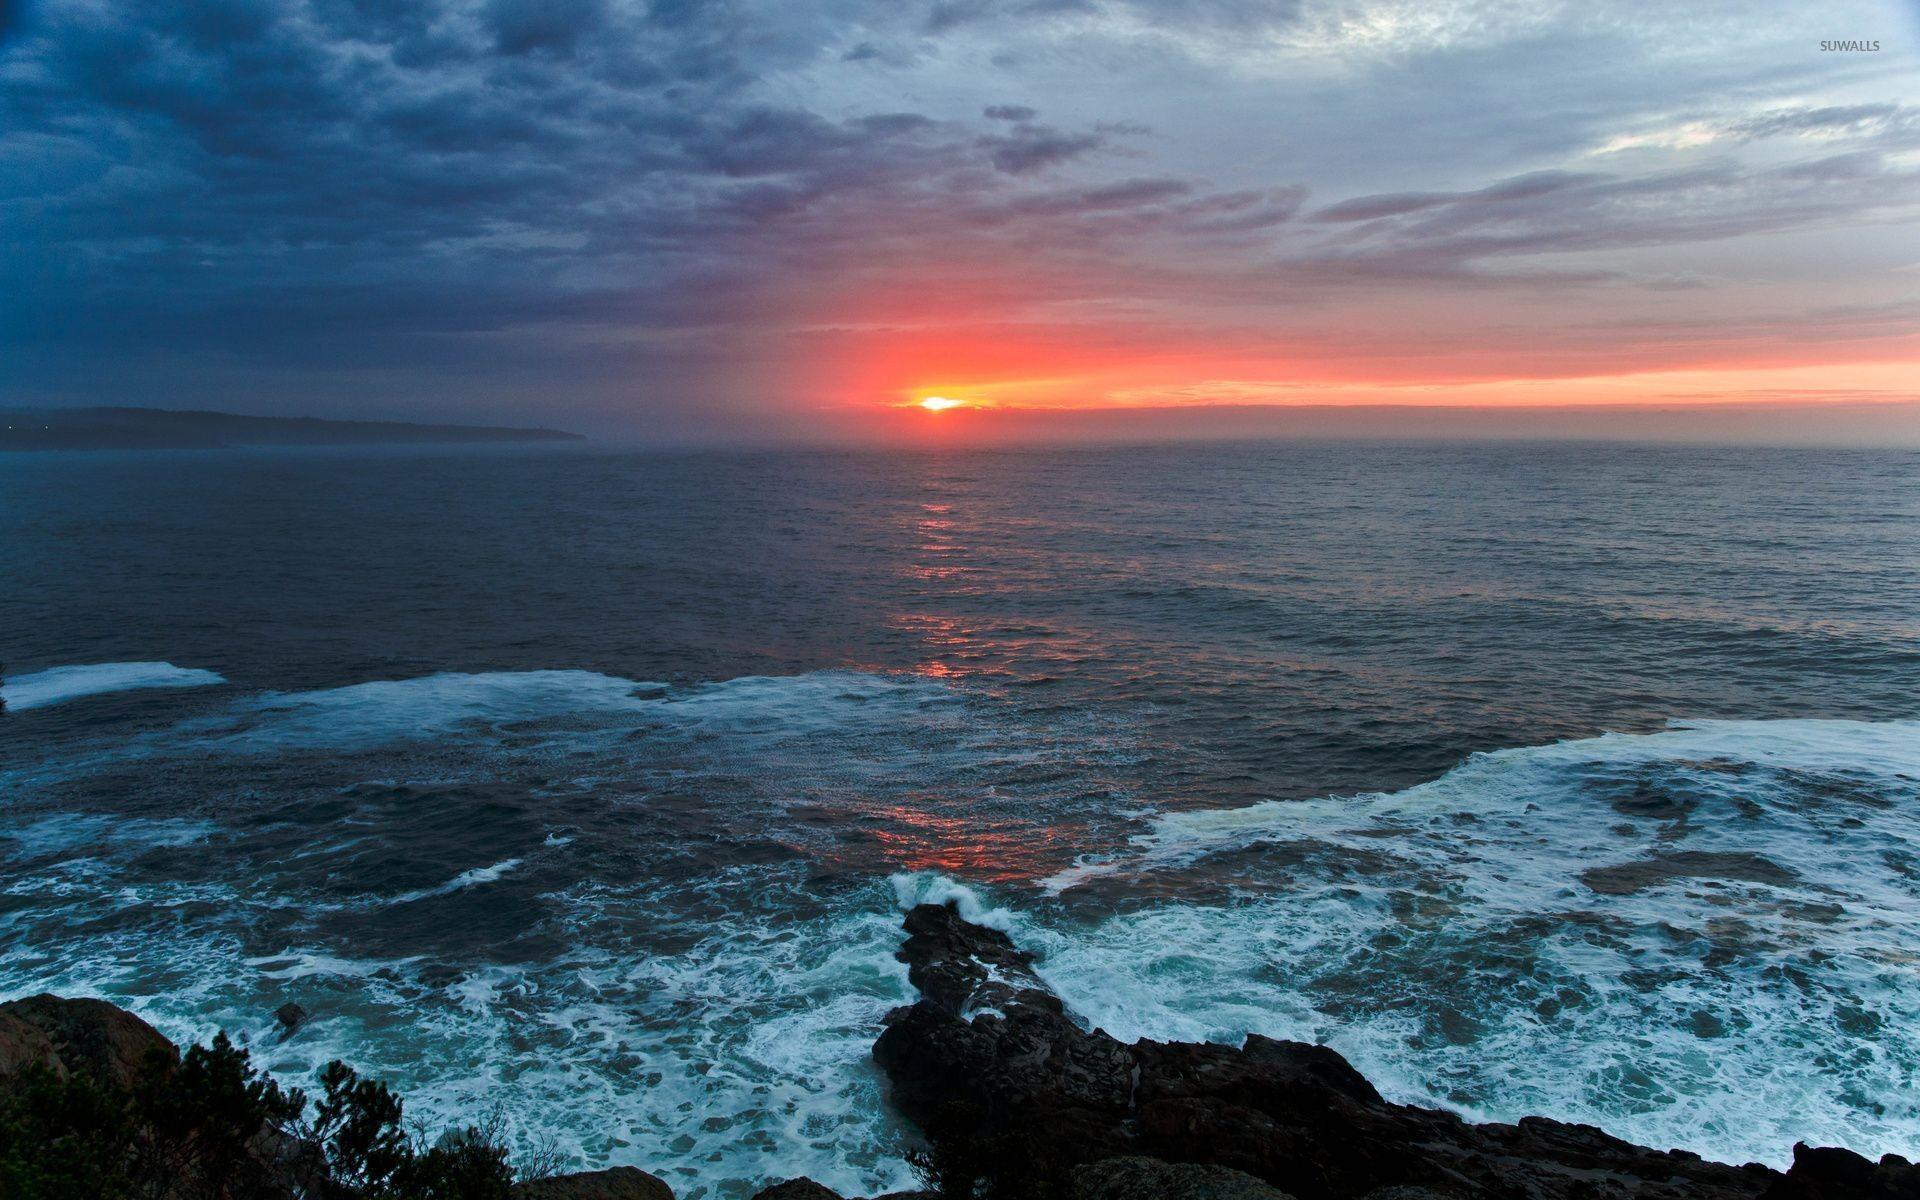 Red sunset above the ocean wallpaper jpg